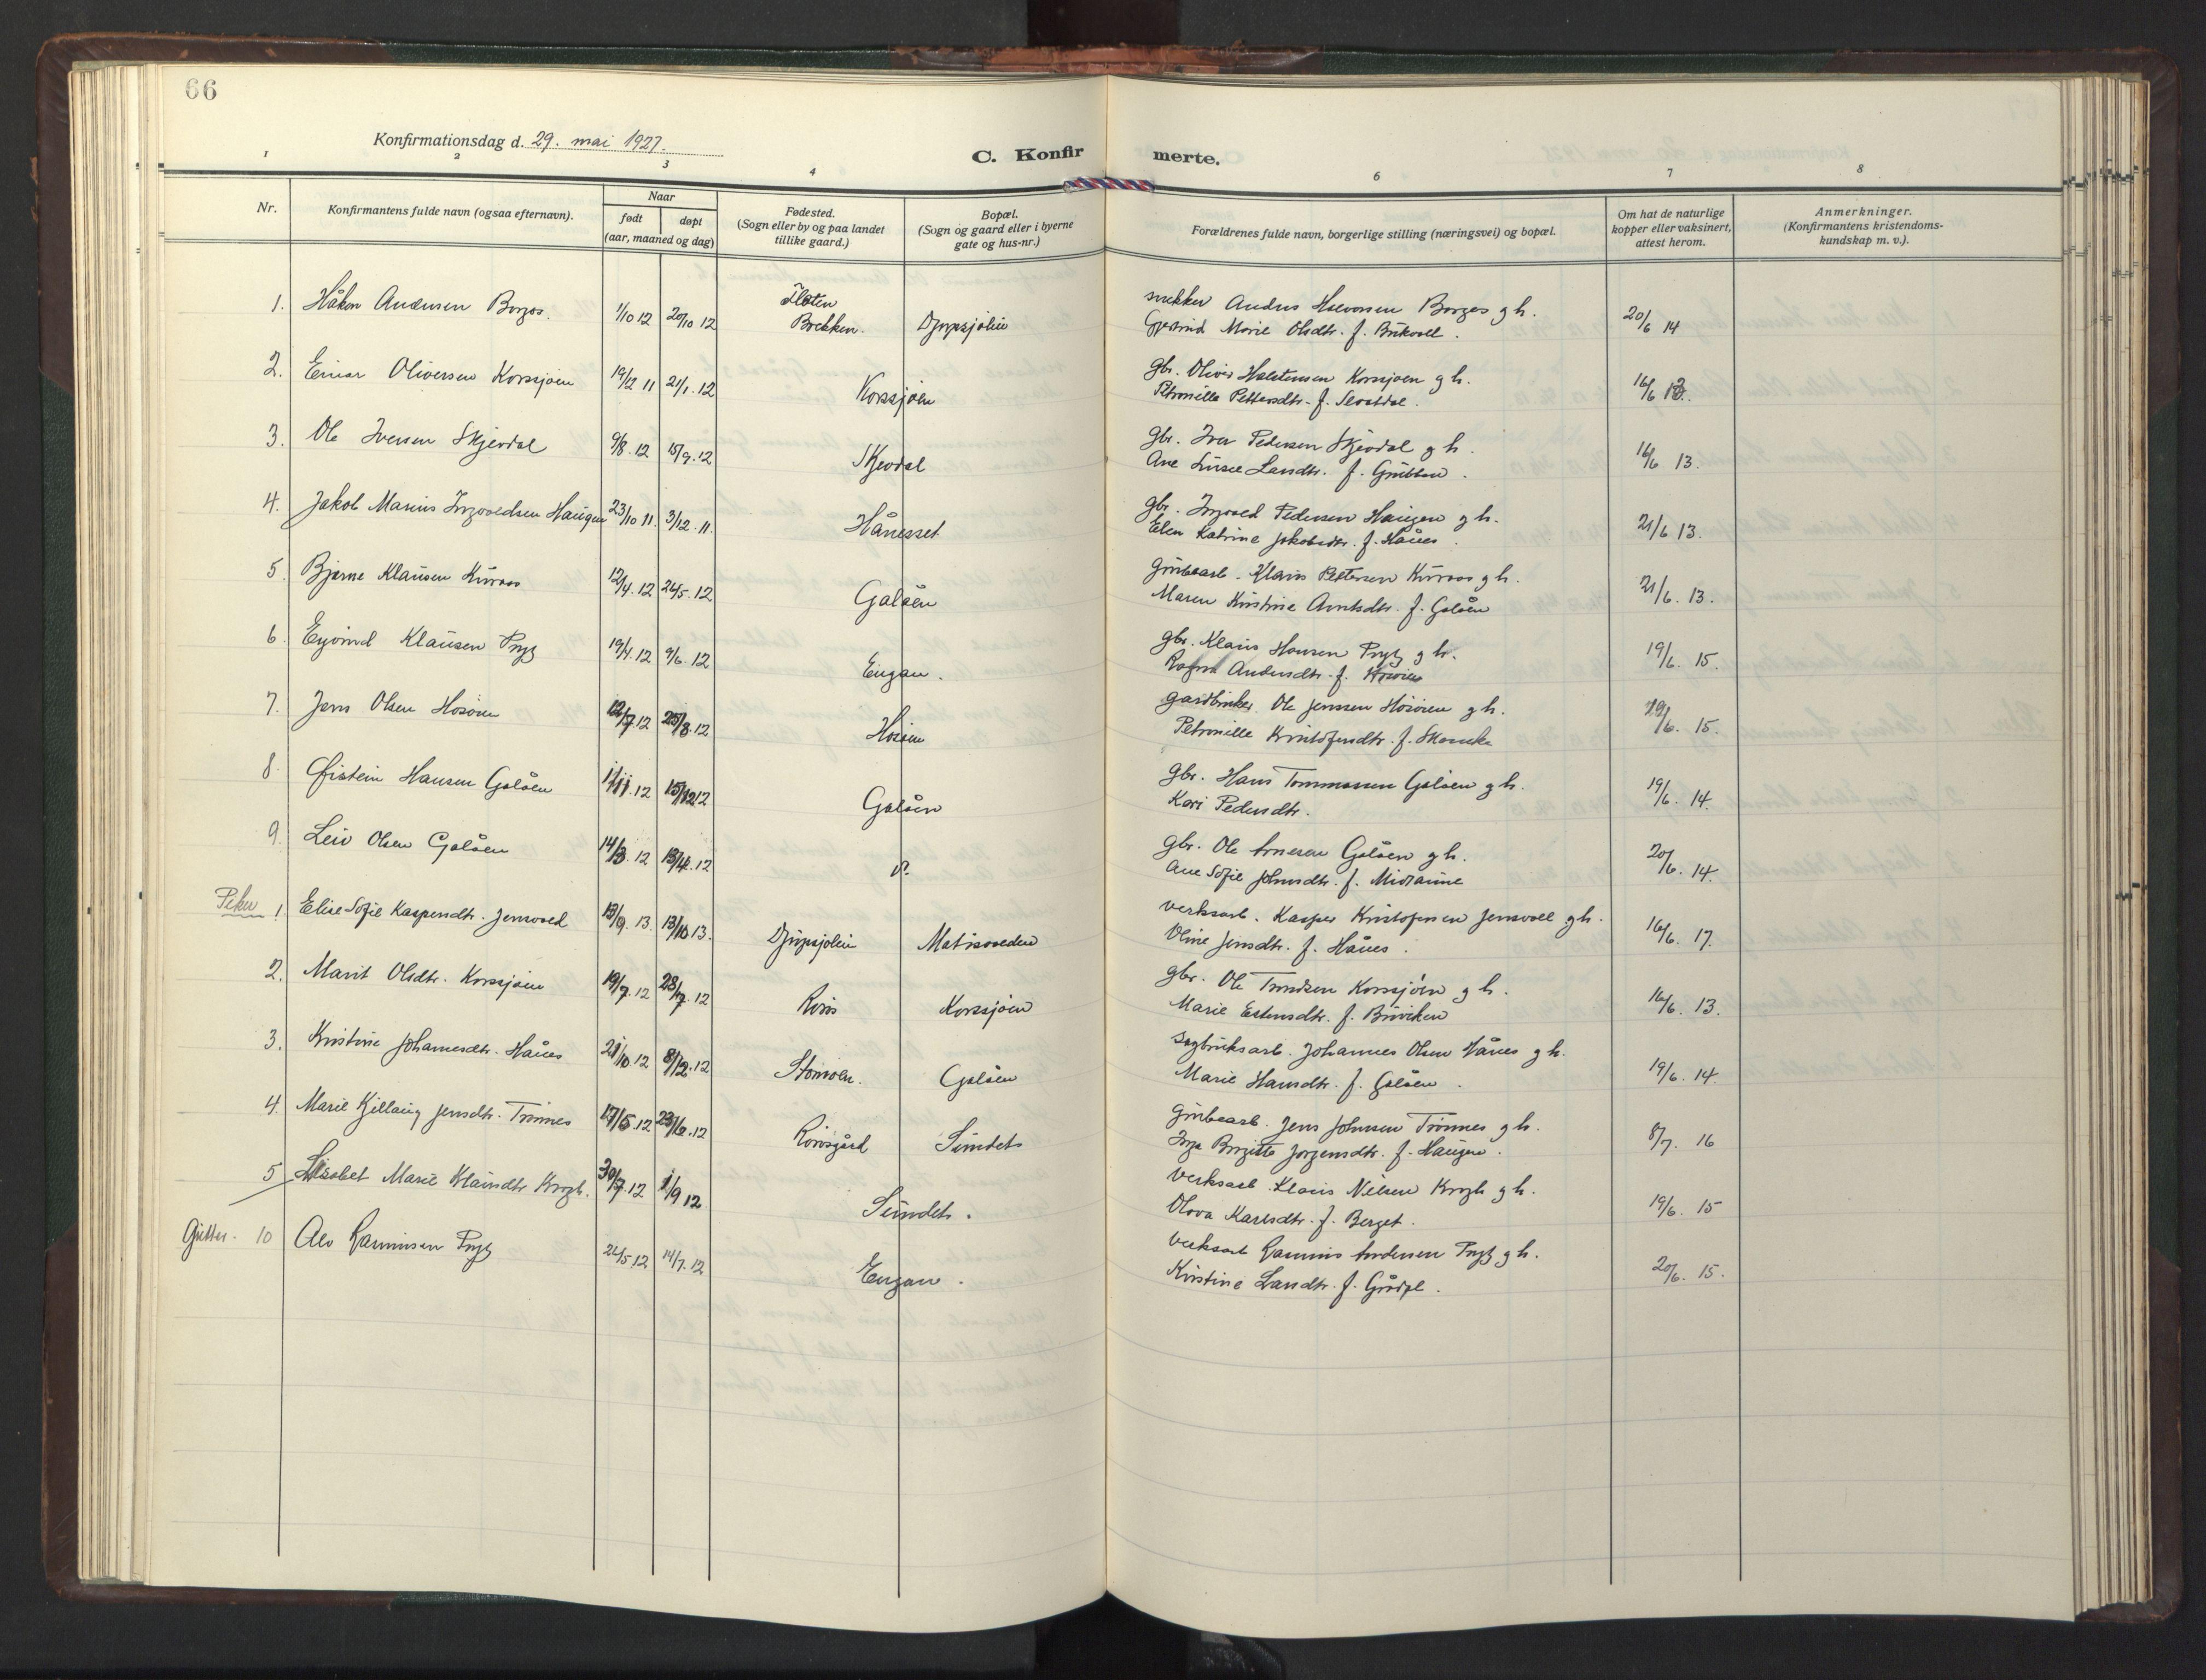 SAT, Ministerialprotokoller, klokkerbøker og fødselsregistre - Sør-Trøndelag, 681/L0944: Klokkerbok nr. 681C08, 1926-1954, s. 66